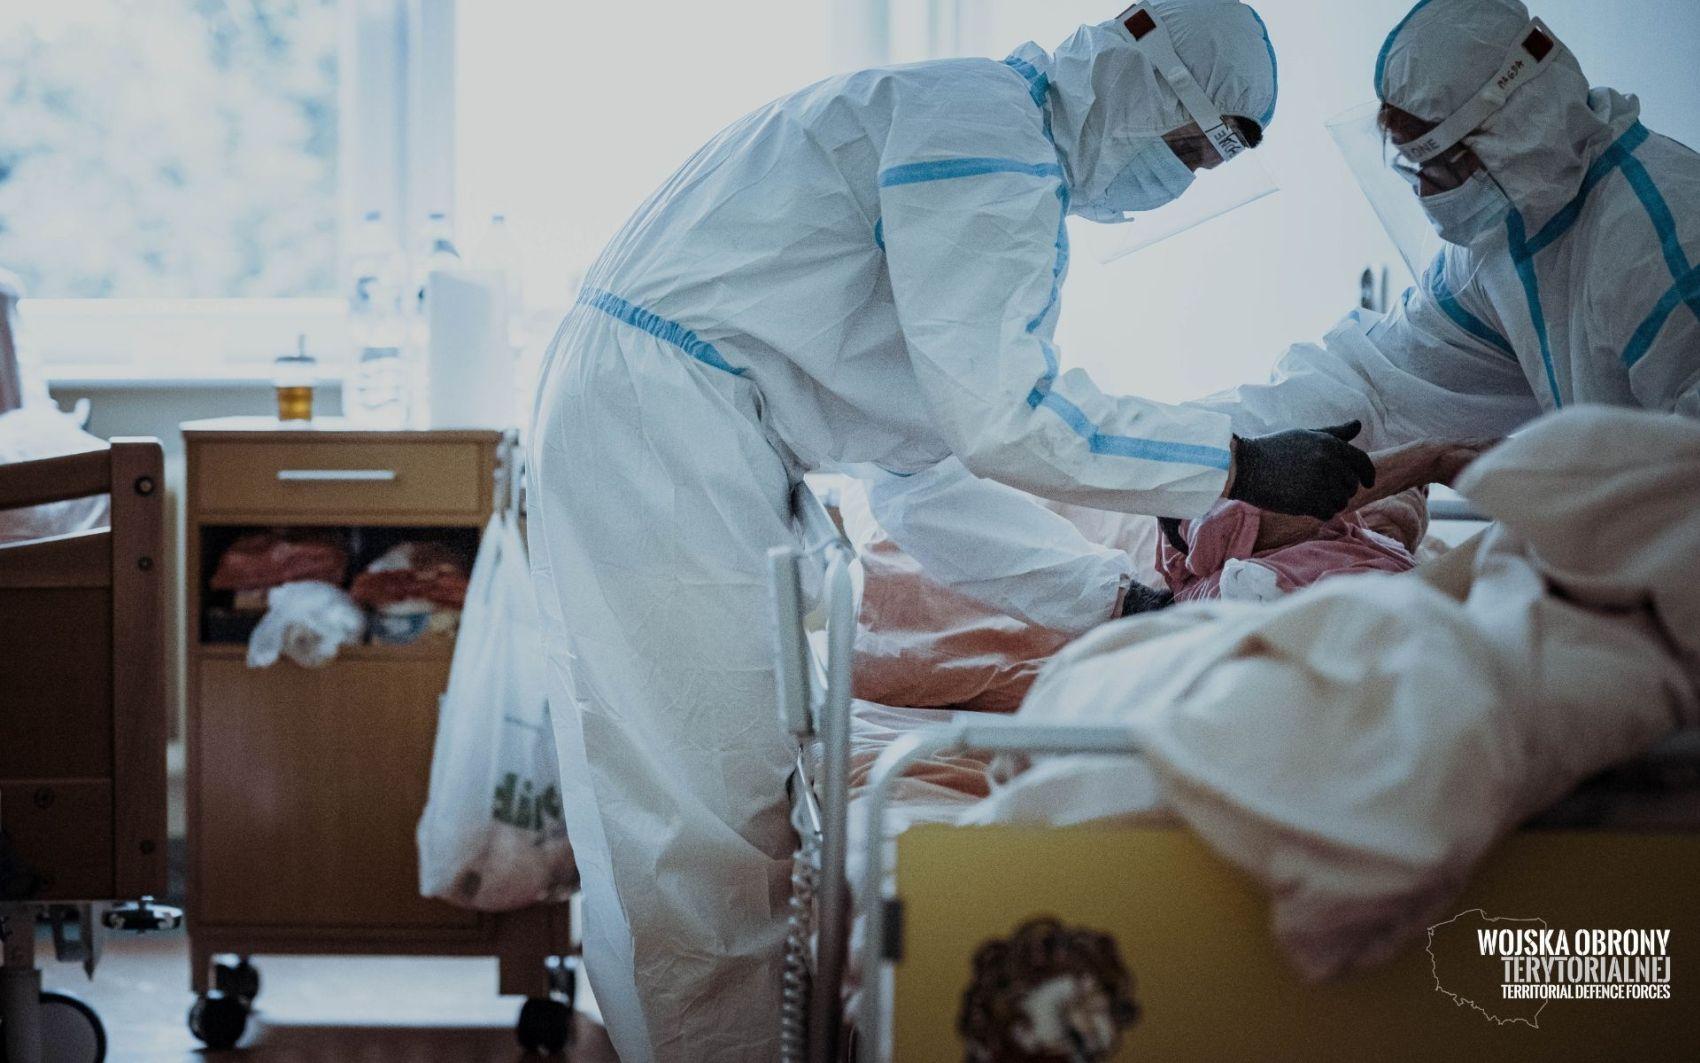 wot szpitale 3 Terytorialsi wspierają coraz więcej szpitali. Przejmują cześć obowiązków personelu medycznego